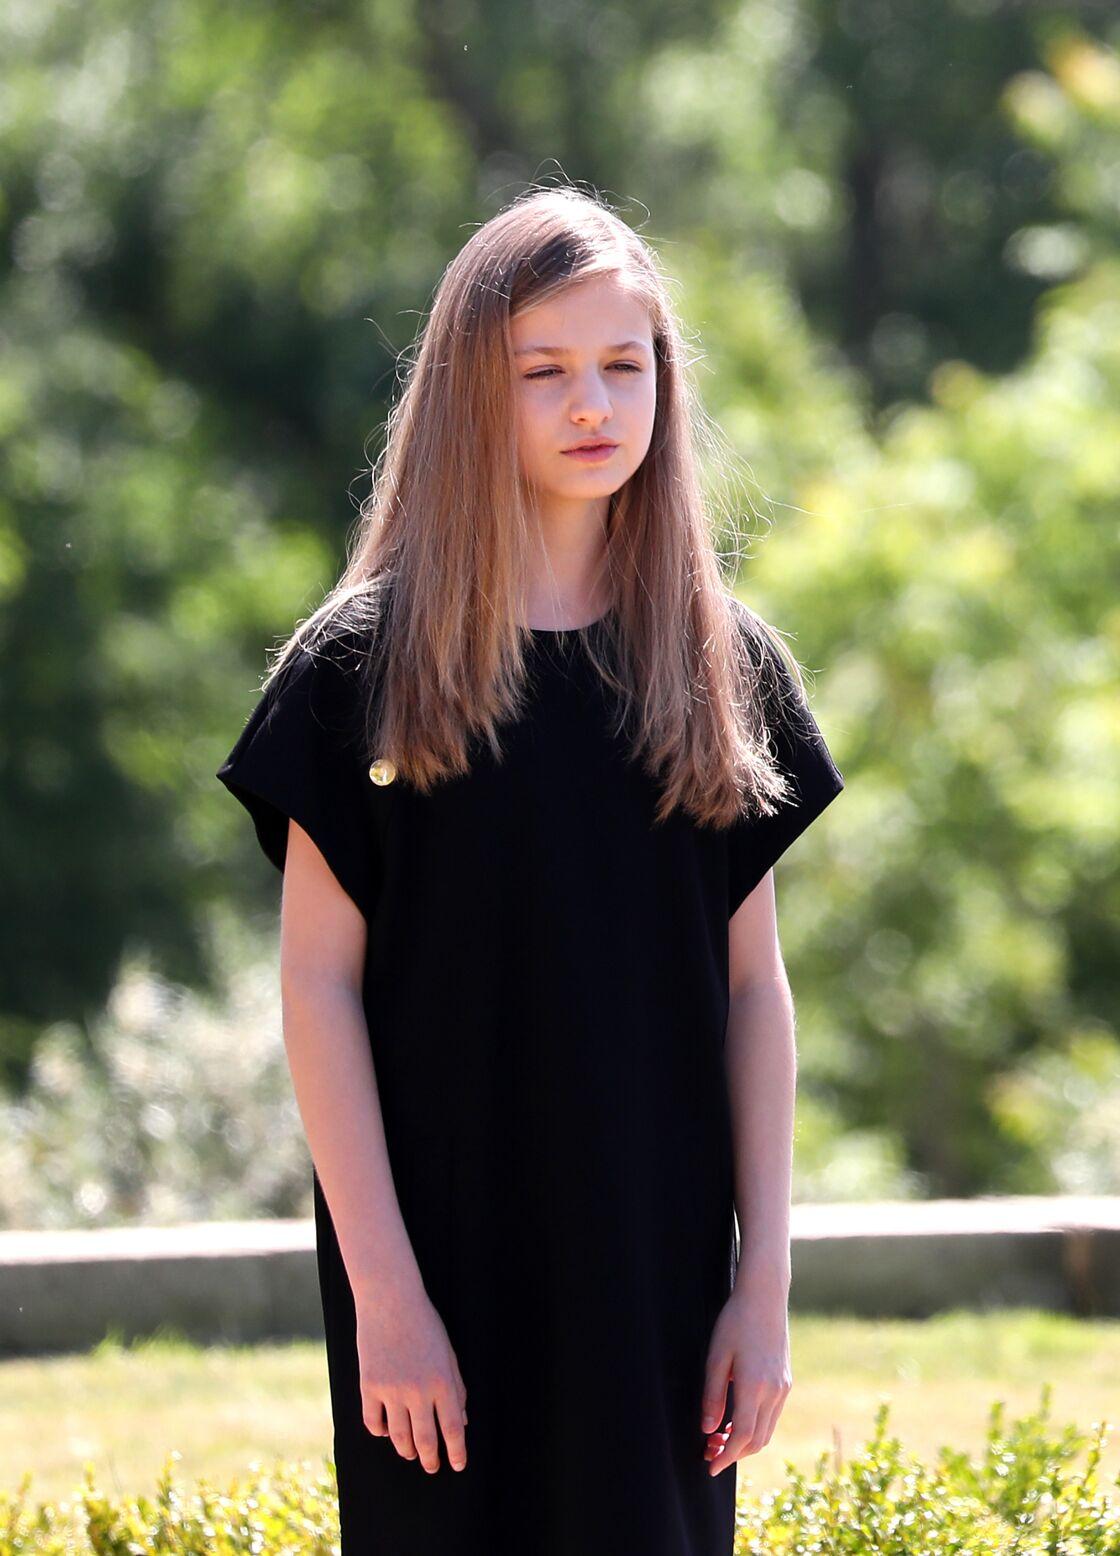 Leonor d'Espagne, la future reine, porte une robe noire légèrement différente de sa mère et de sa sœur.